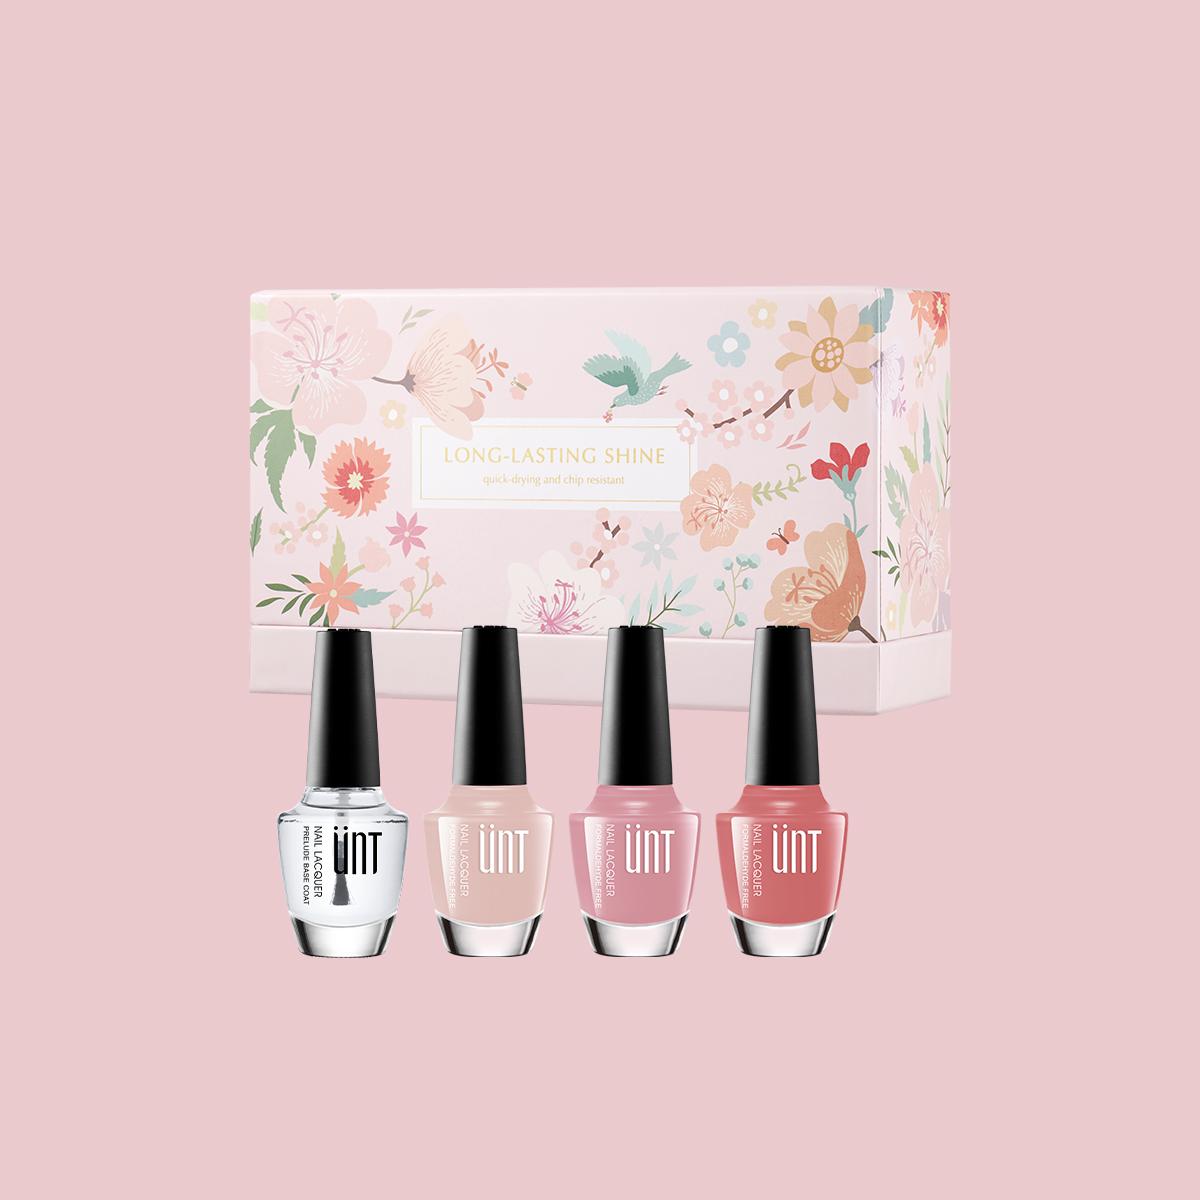 玩美持色指甲油 浪漫禮盒-粉色